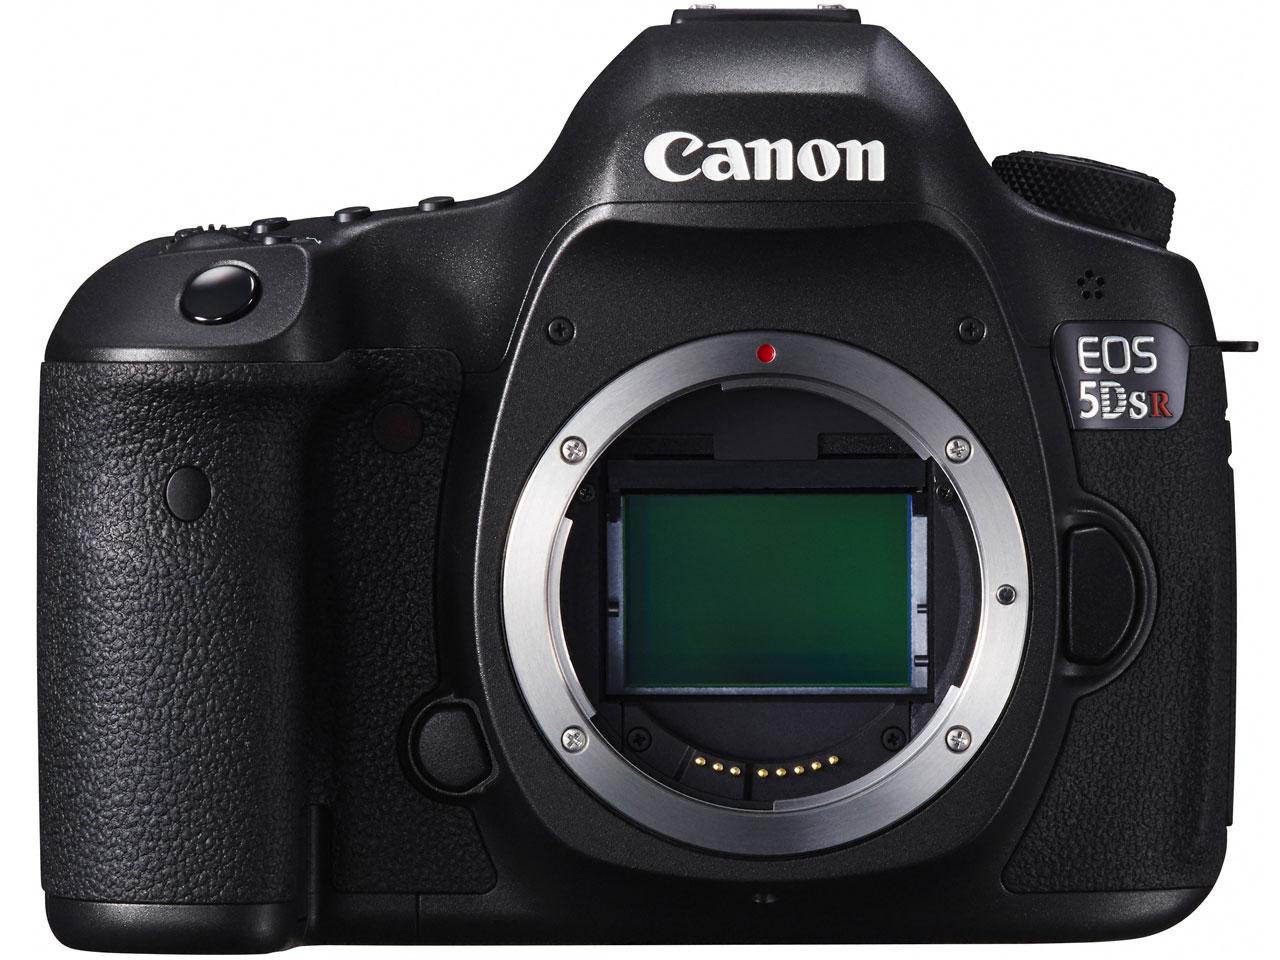 【代引き手数料無料】CANON デジタル一眼カメラ EOS 5Ds R BODY